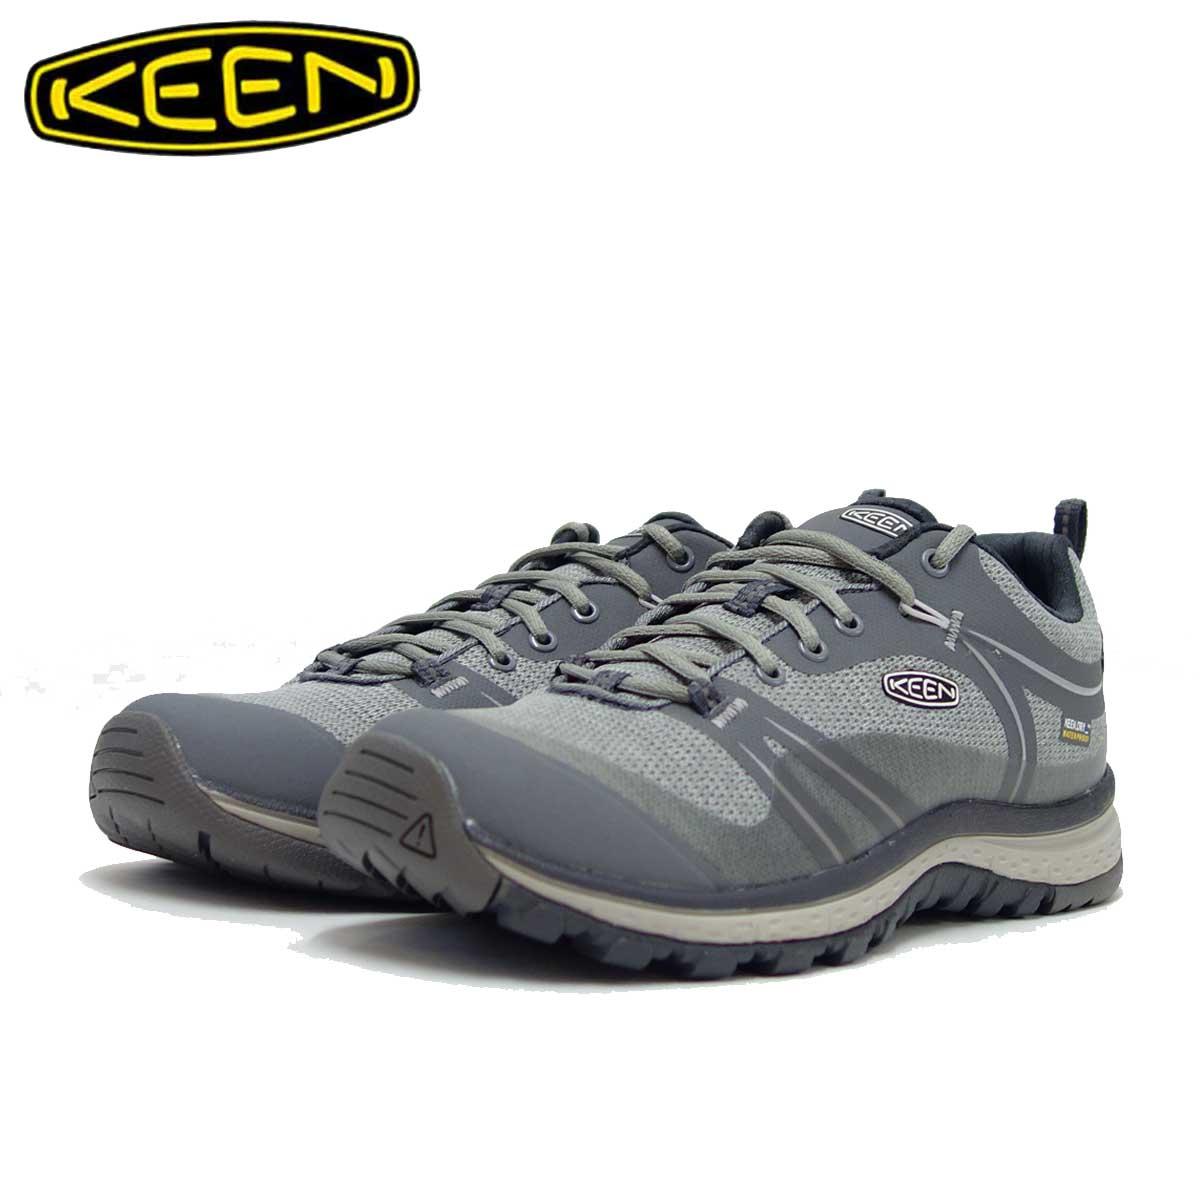 KEEN キーン Terradora WP 1021253 テラドーラ ウォータープルーフ(ウィメンズ) カラー:Steel Grey / Magnet 「靴」